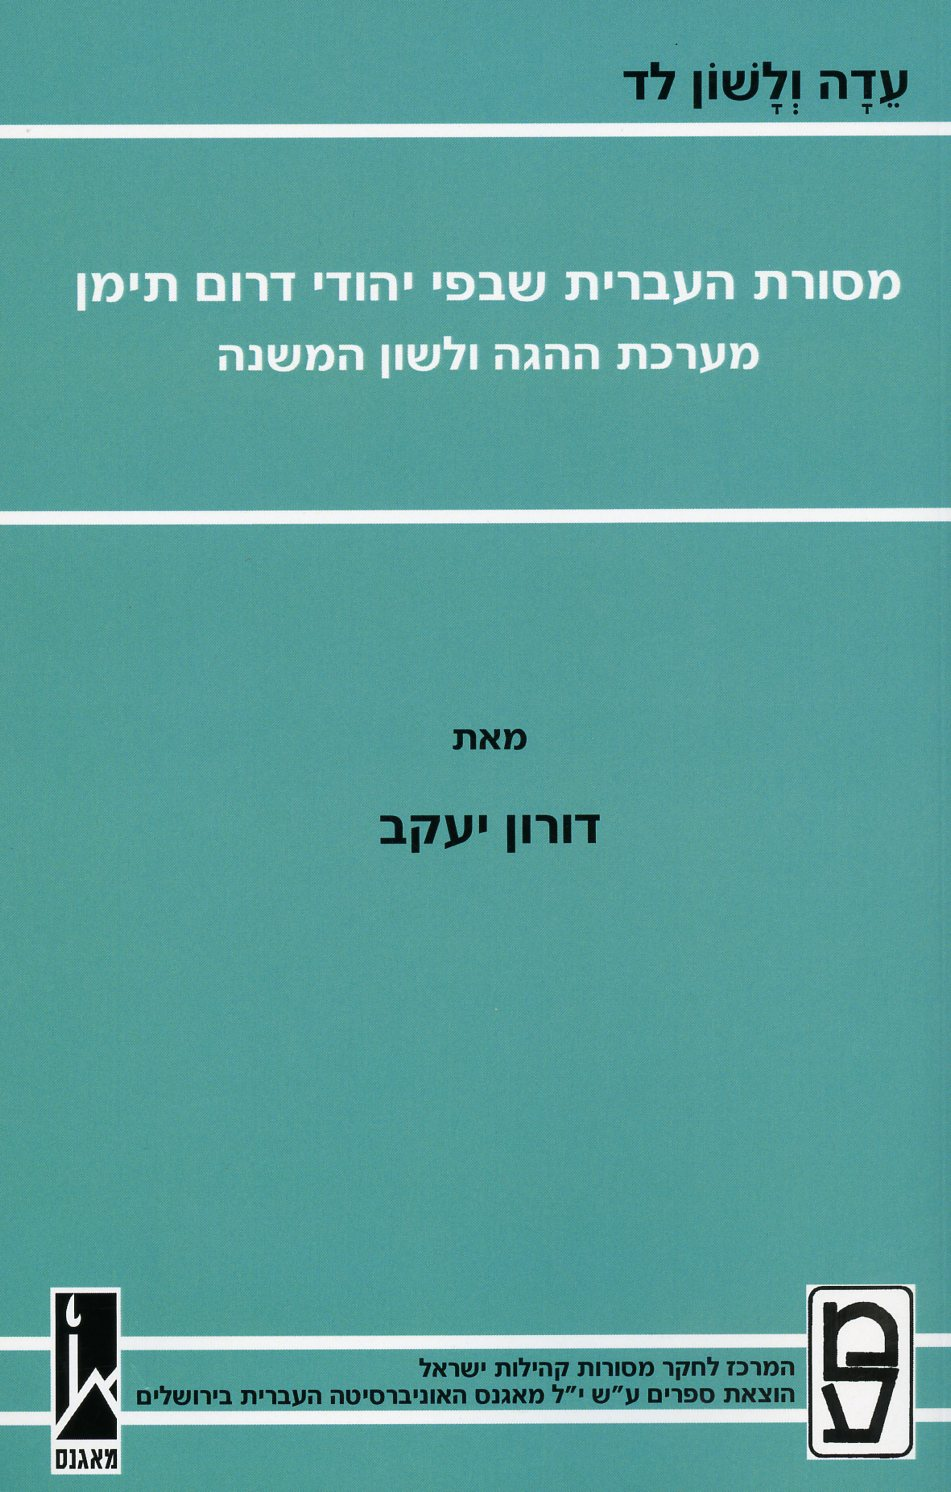 עדה ולשון לד מסורת העברית